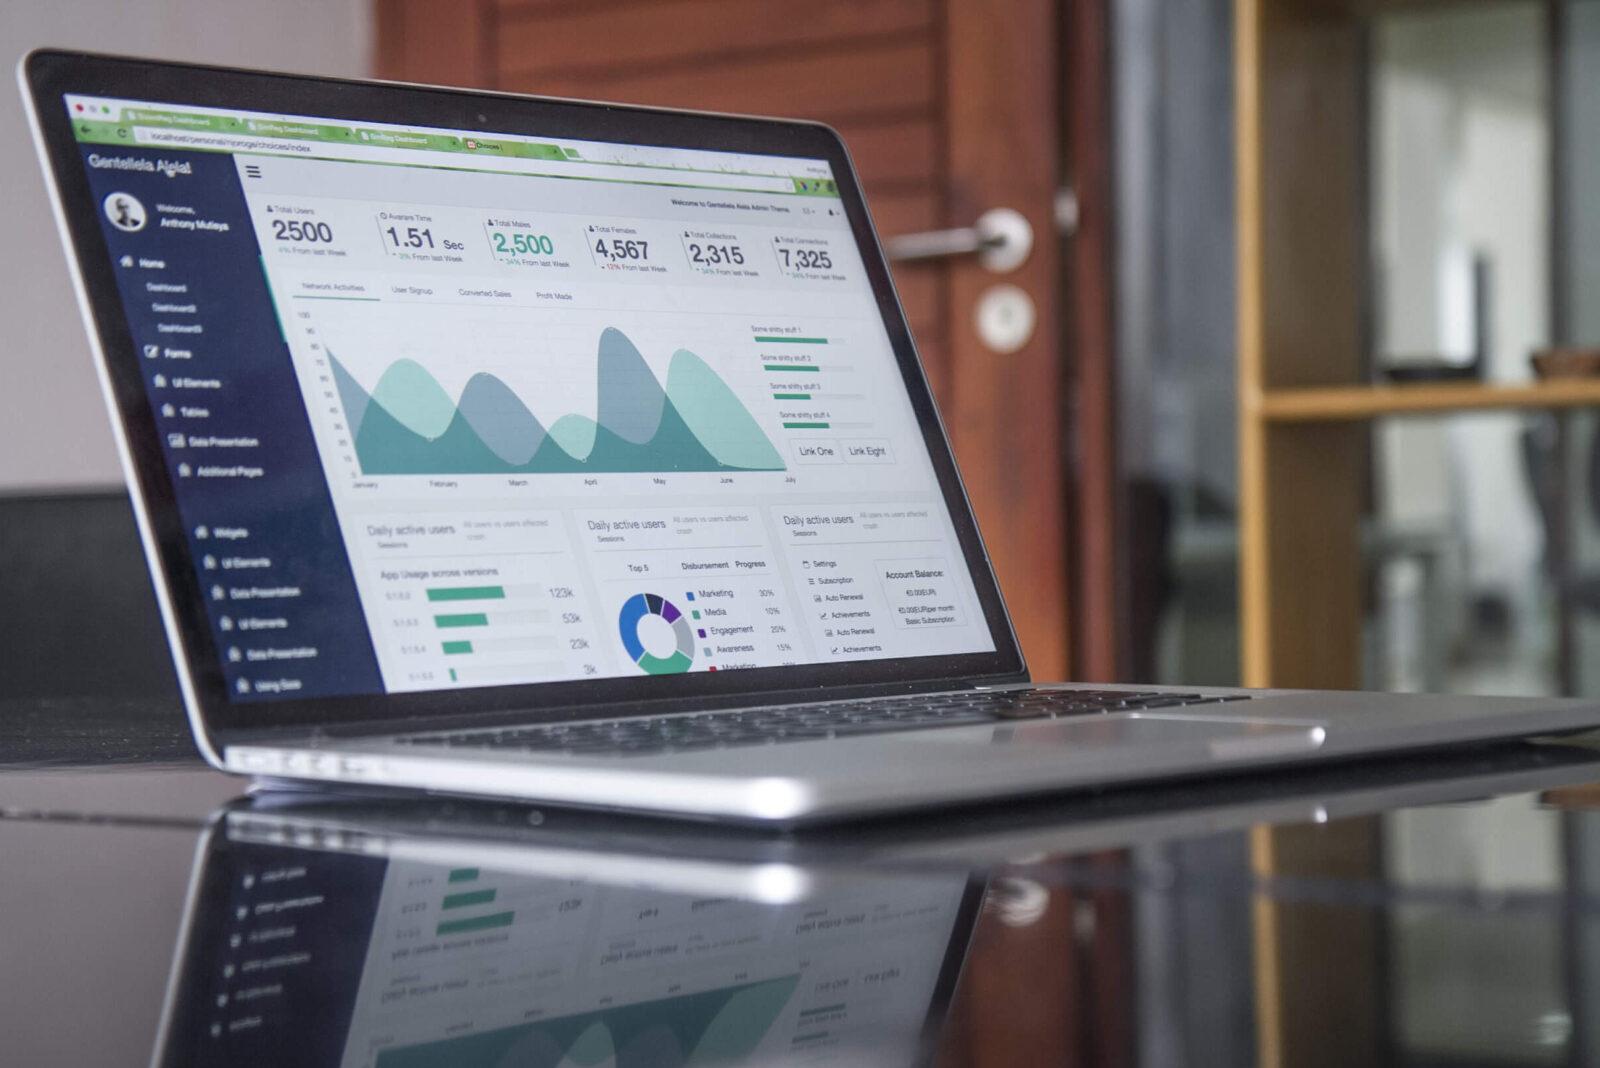 Databeskyttelsesforordningen (GDPR) i praksis